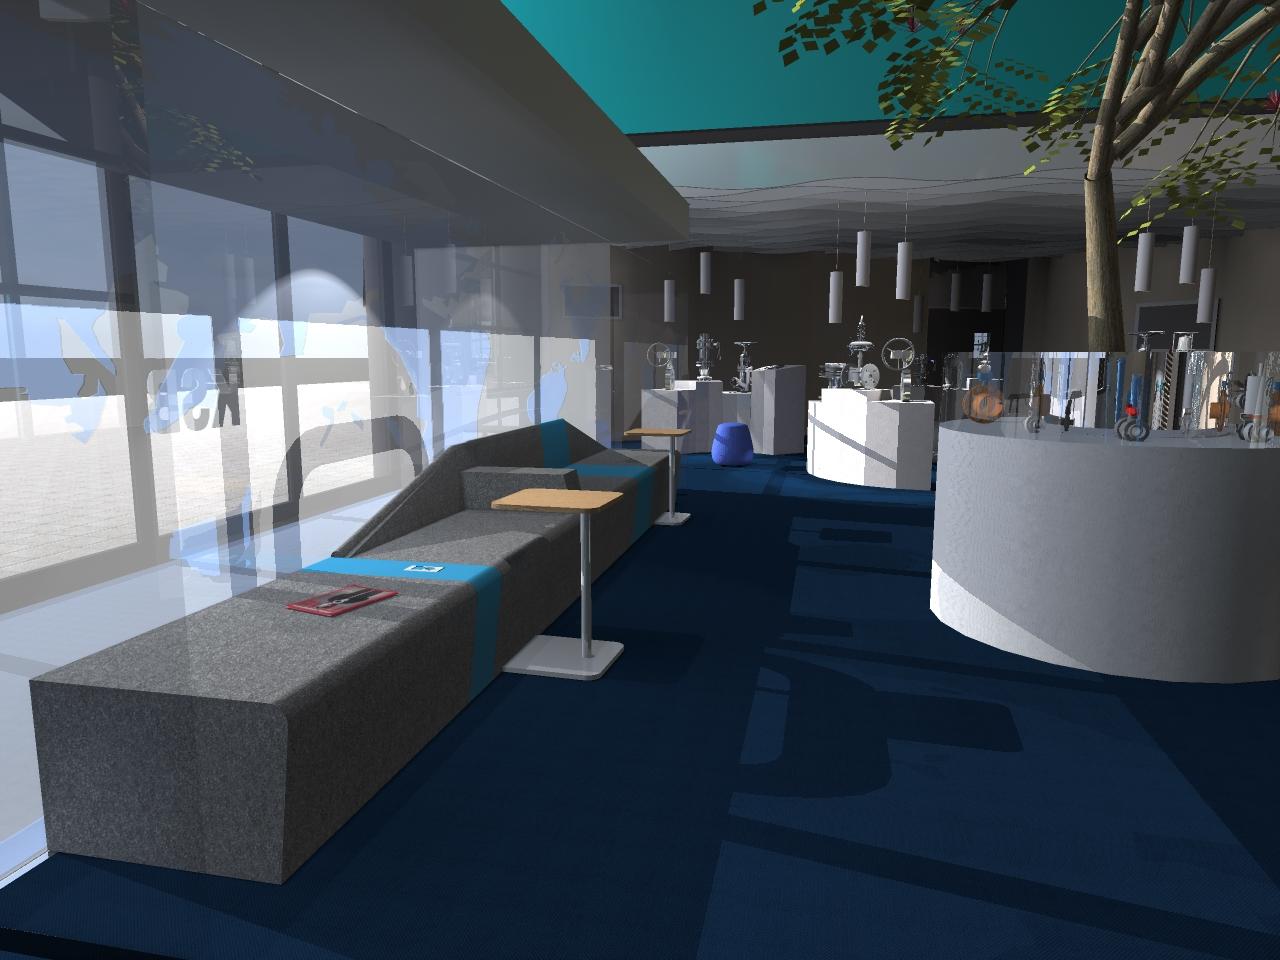 Aménagement espace hall usine , musée, espace de réunion & espace cafeteria